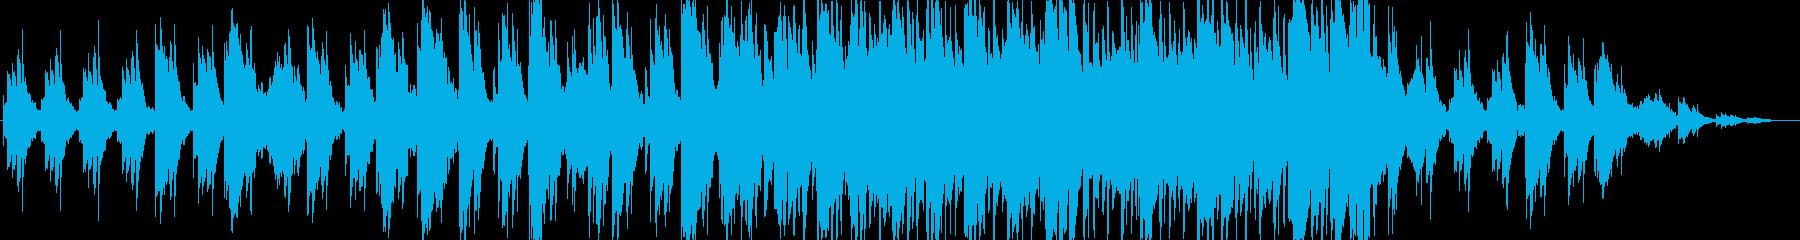 序盤の森のダンジョンBGM。ループ有の再生済みの波形